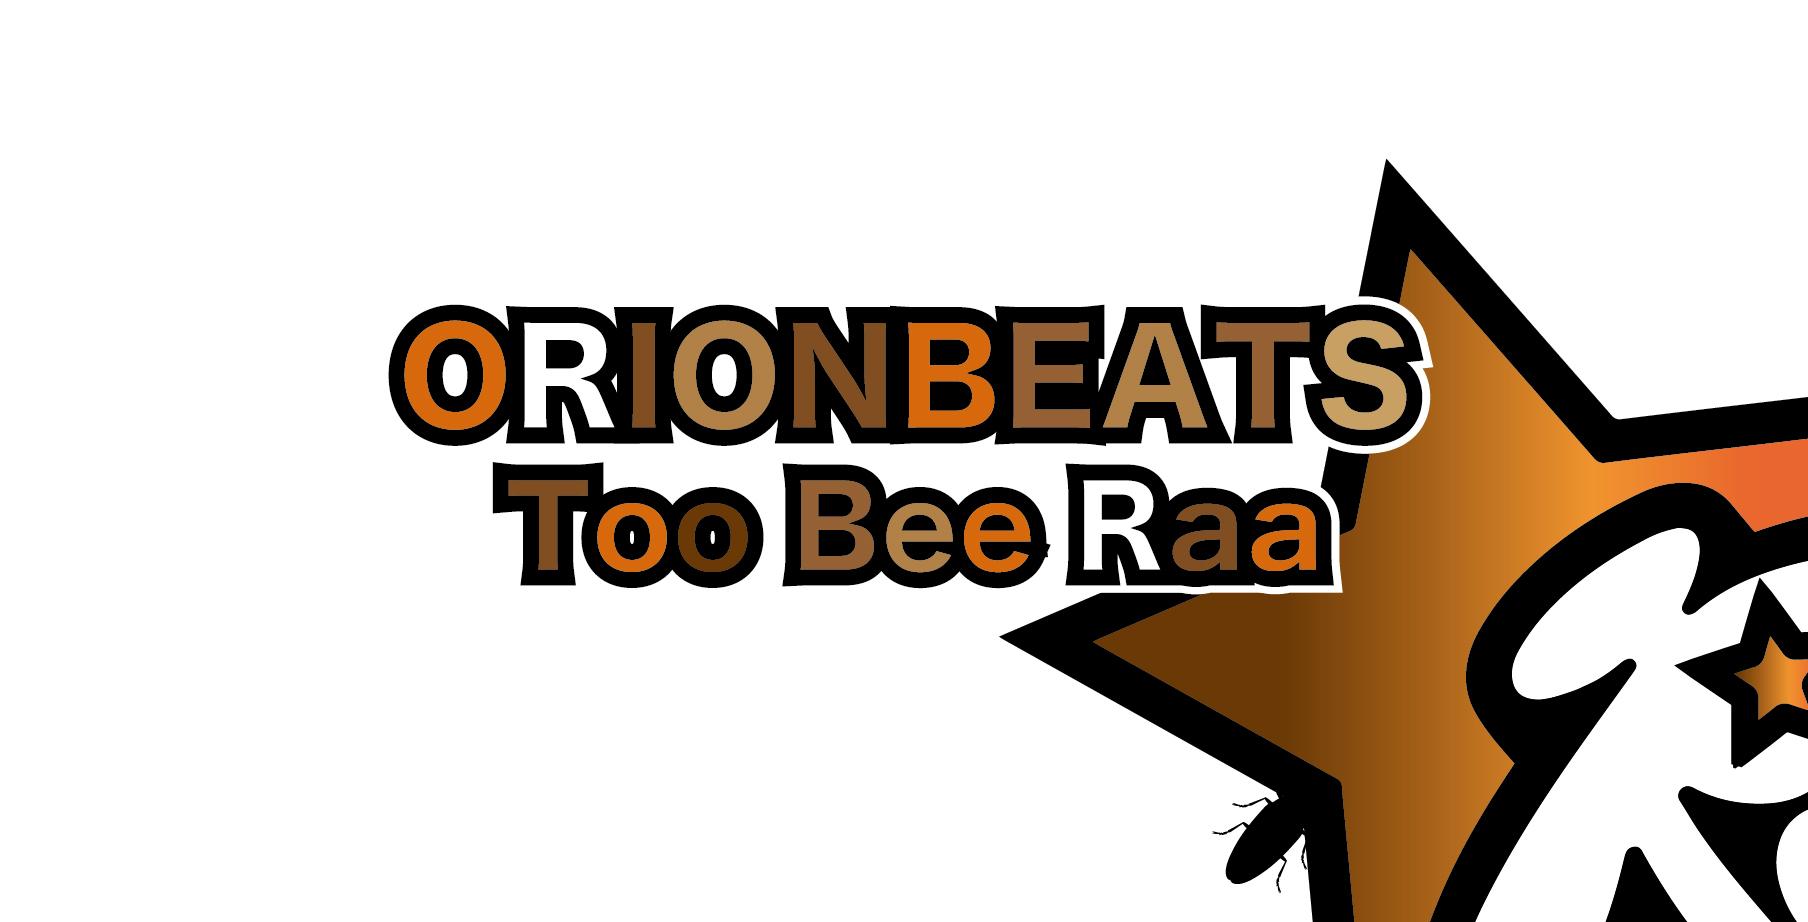 【新曲リリース】Too Bee Raa (トービーラー)_a0014067_21214161.jpg